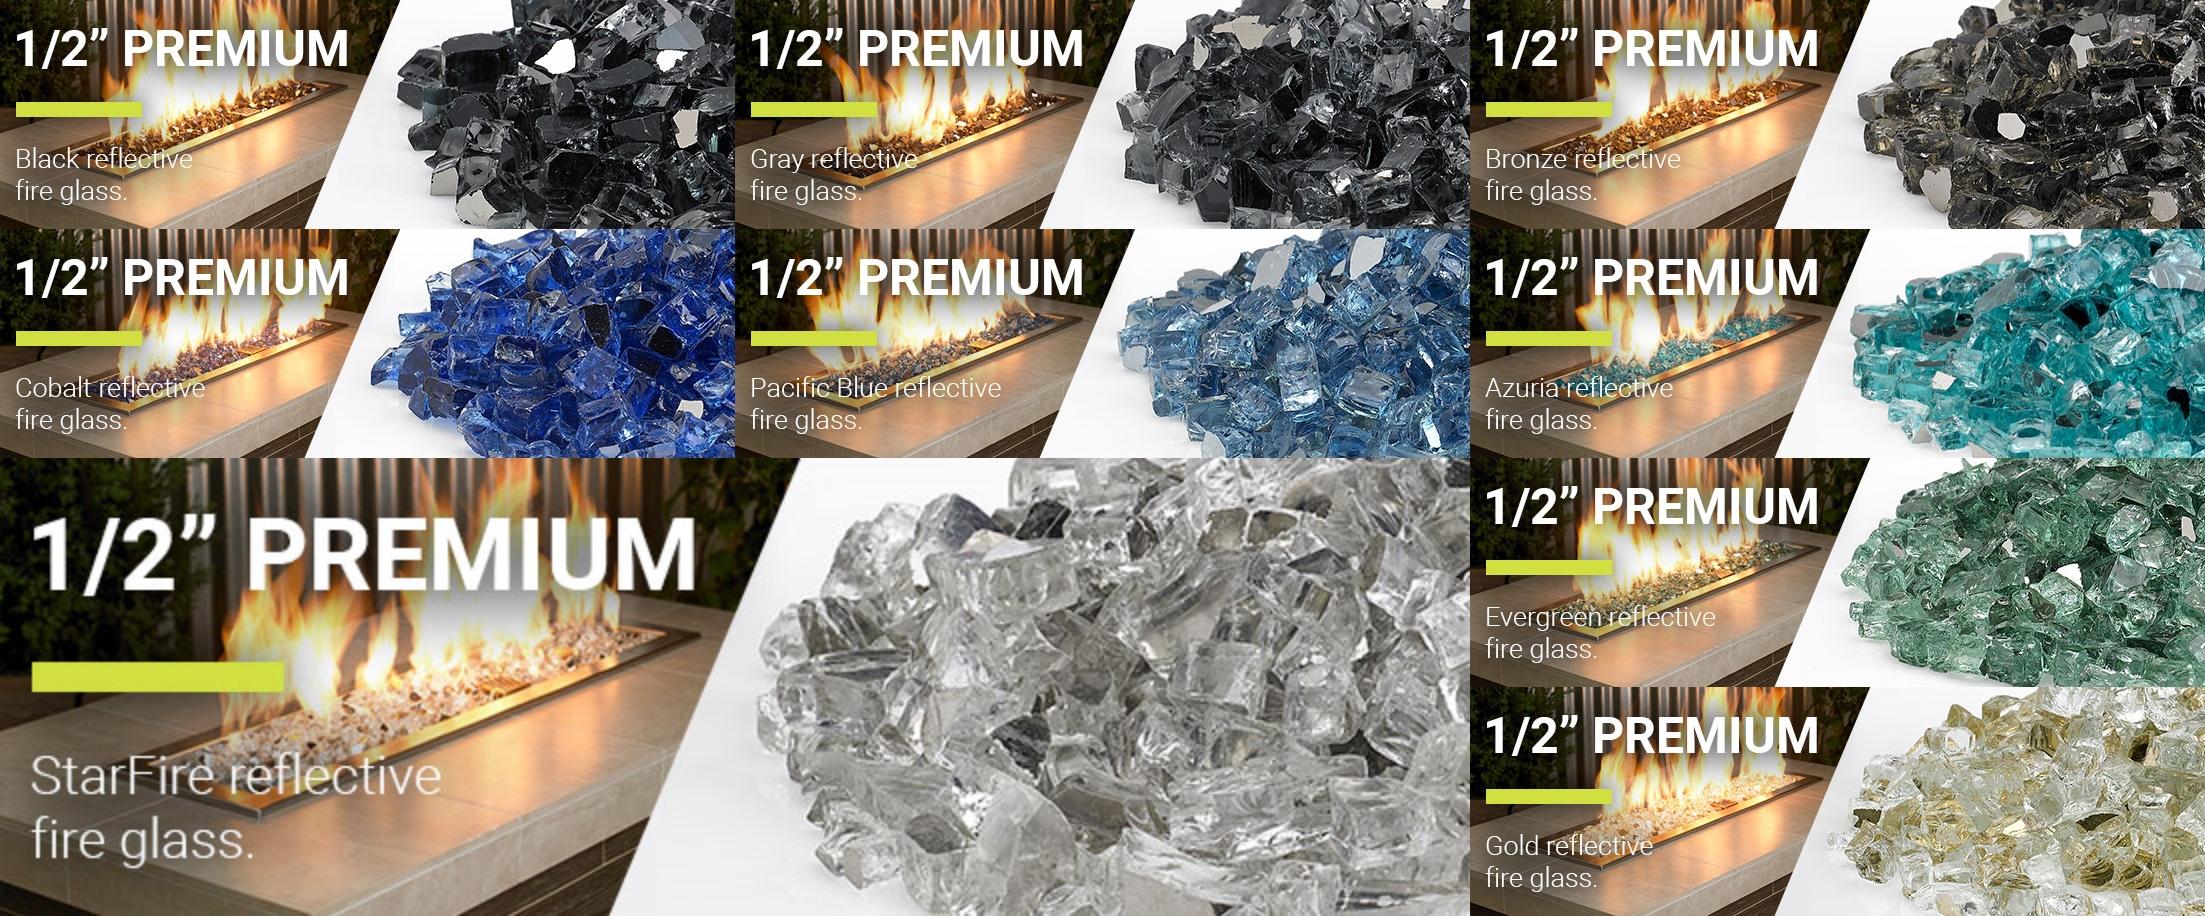 """1/2"""" Premium Collection"""